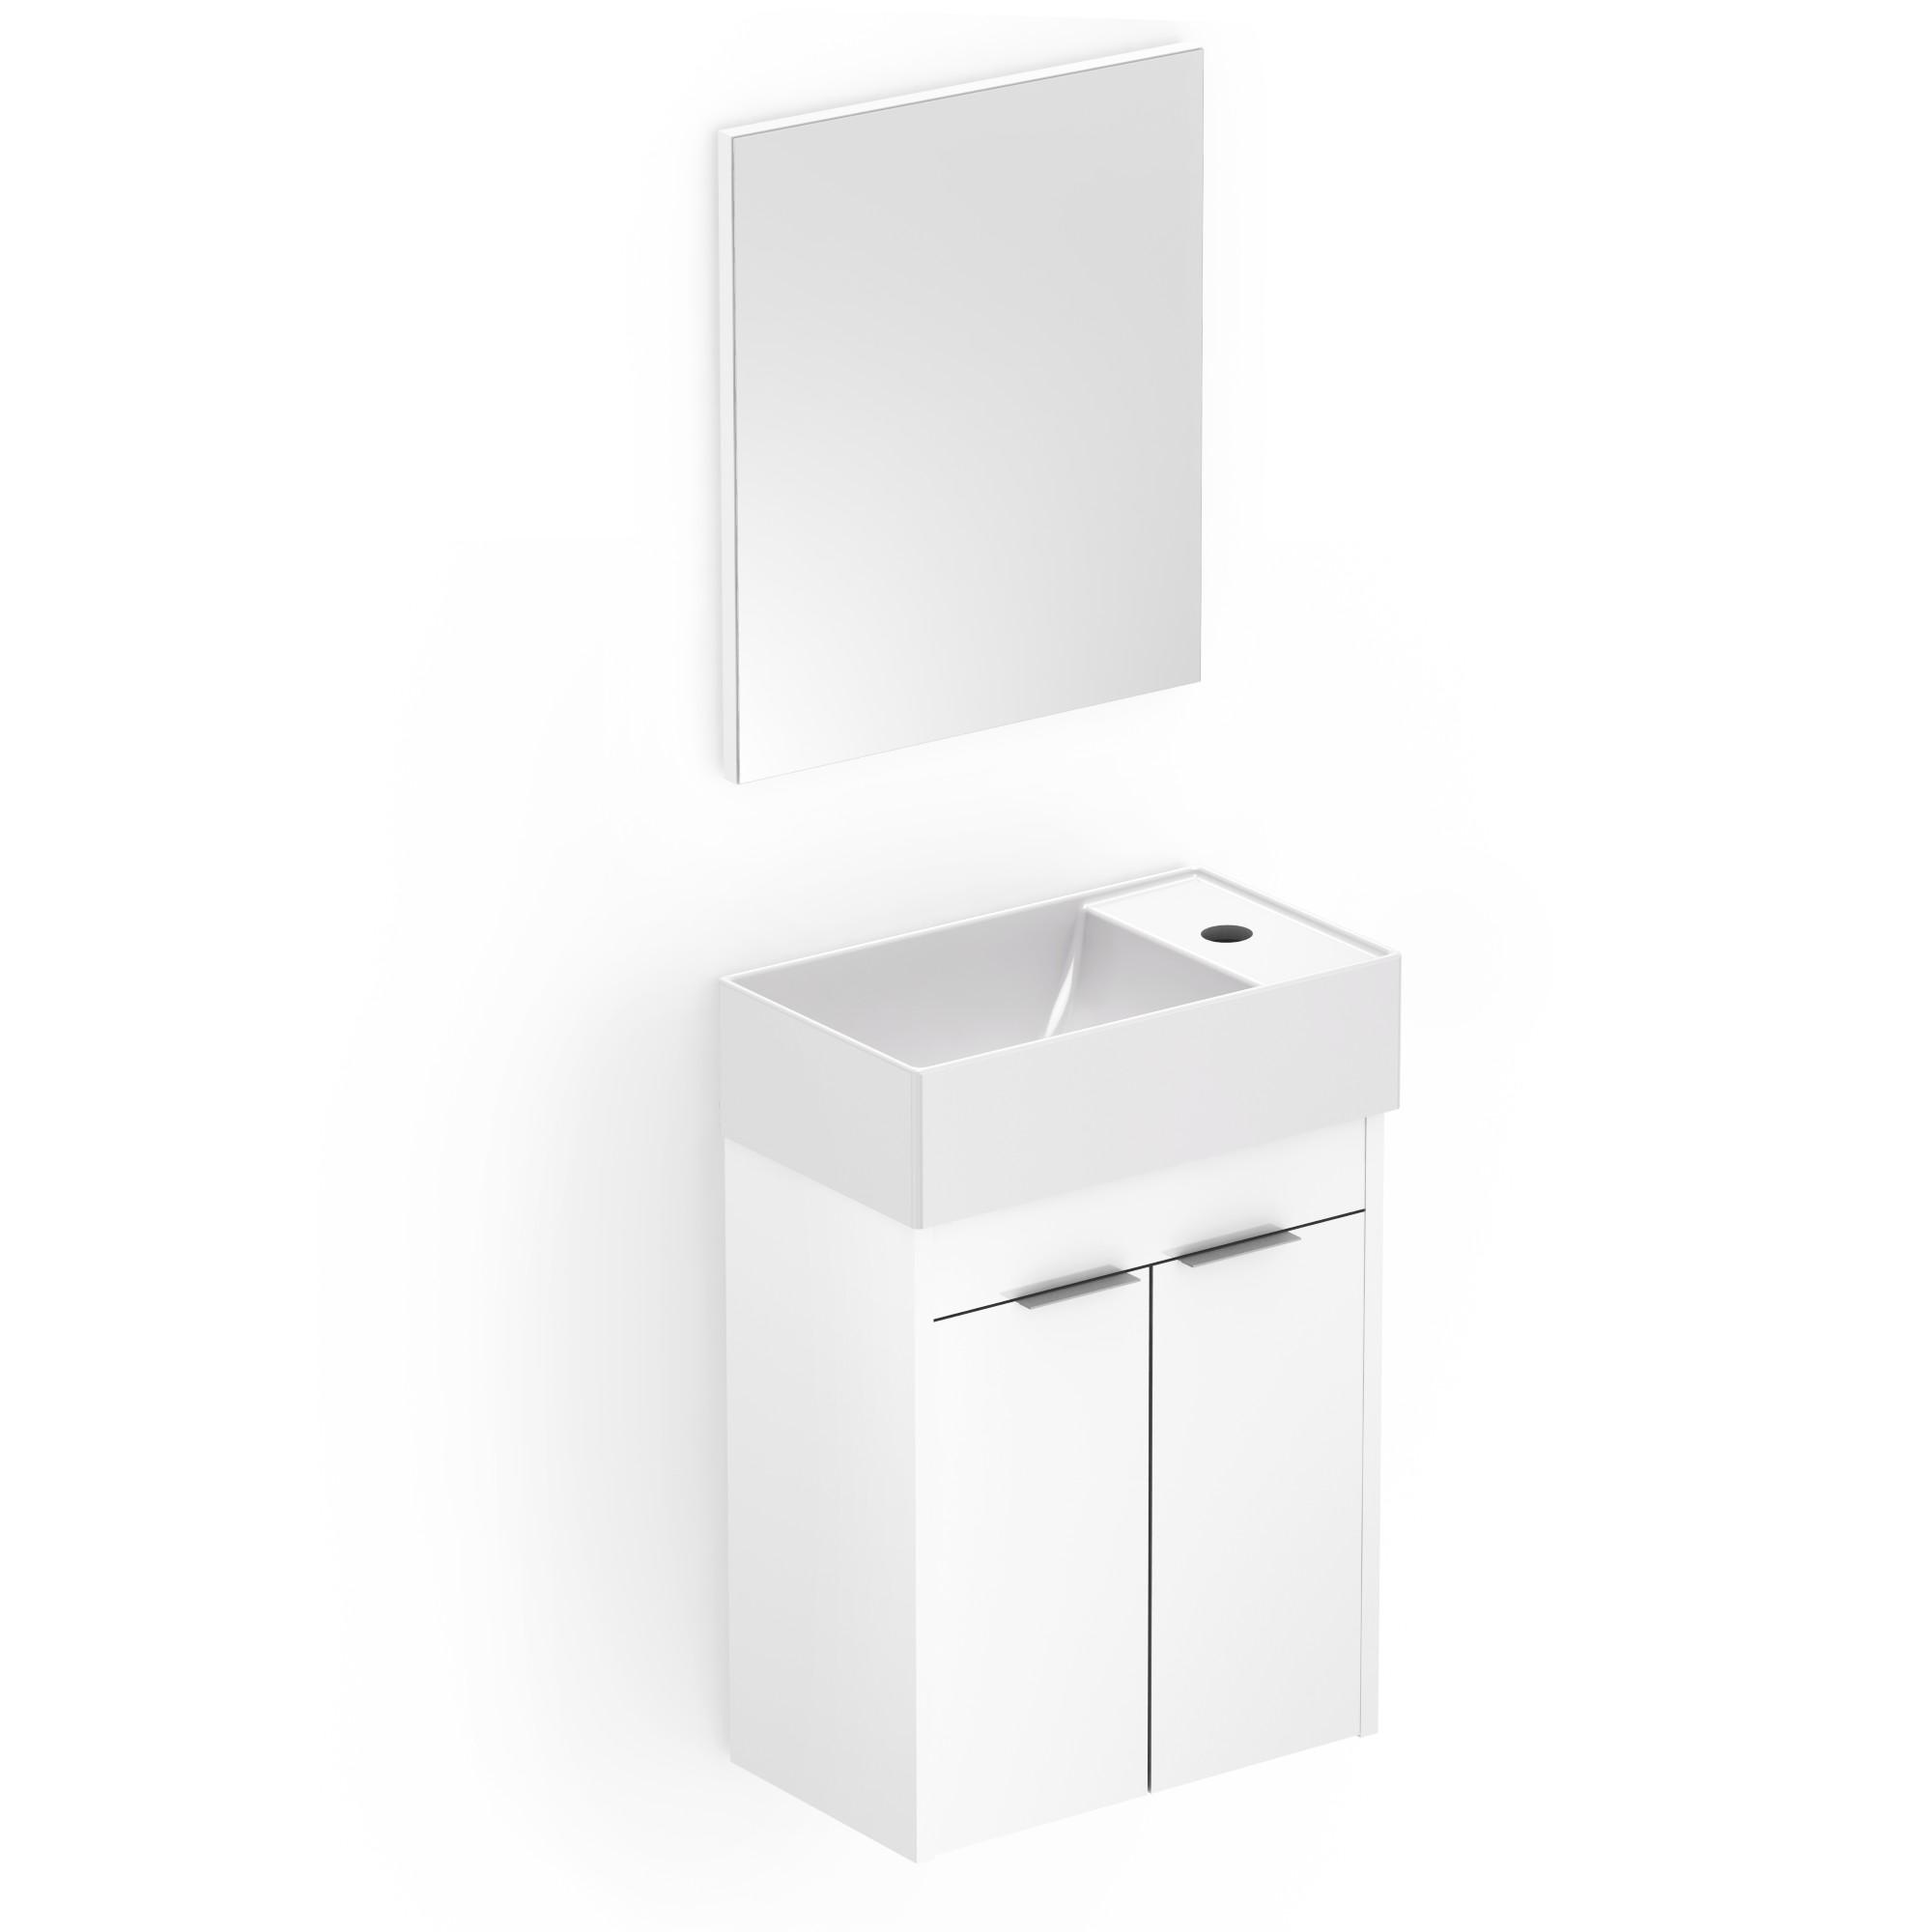 Gabinete para Banheiro com 2 Portas 40x22cm Branco B60000 - Roca